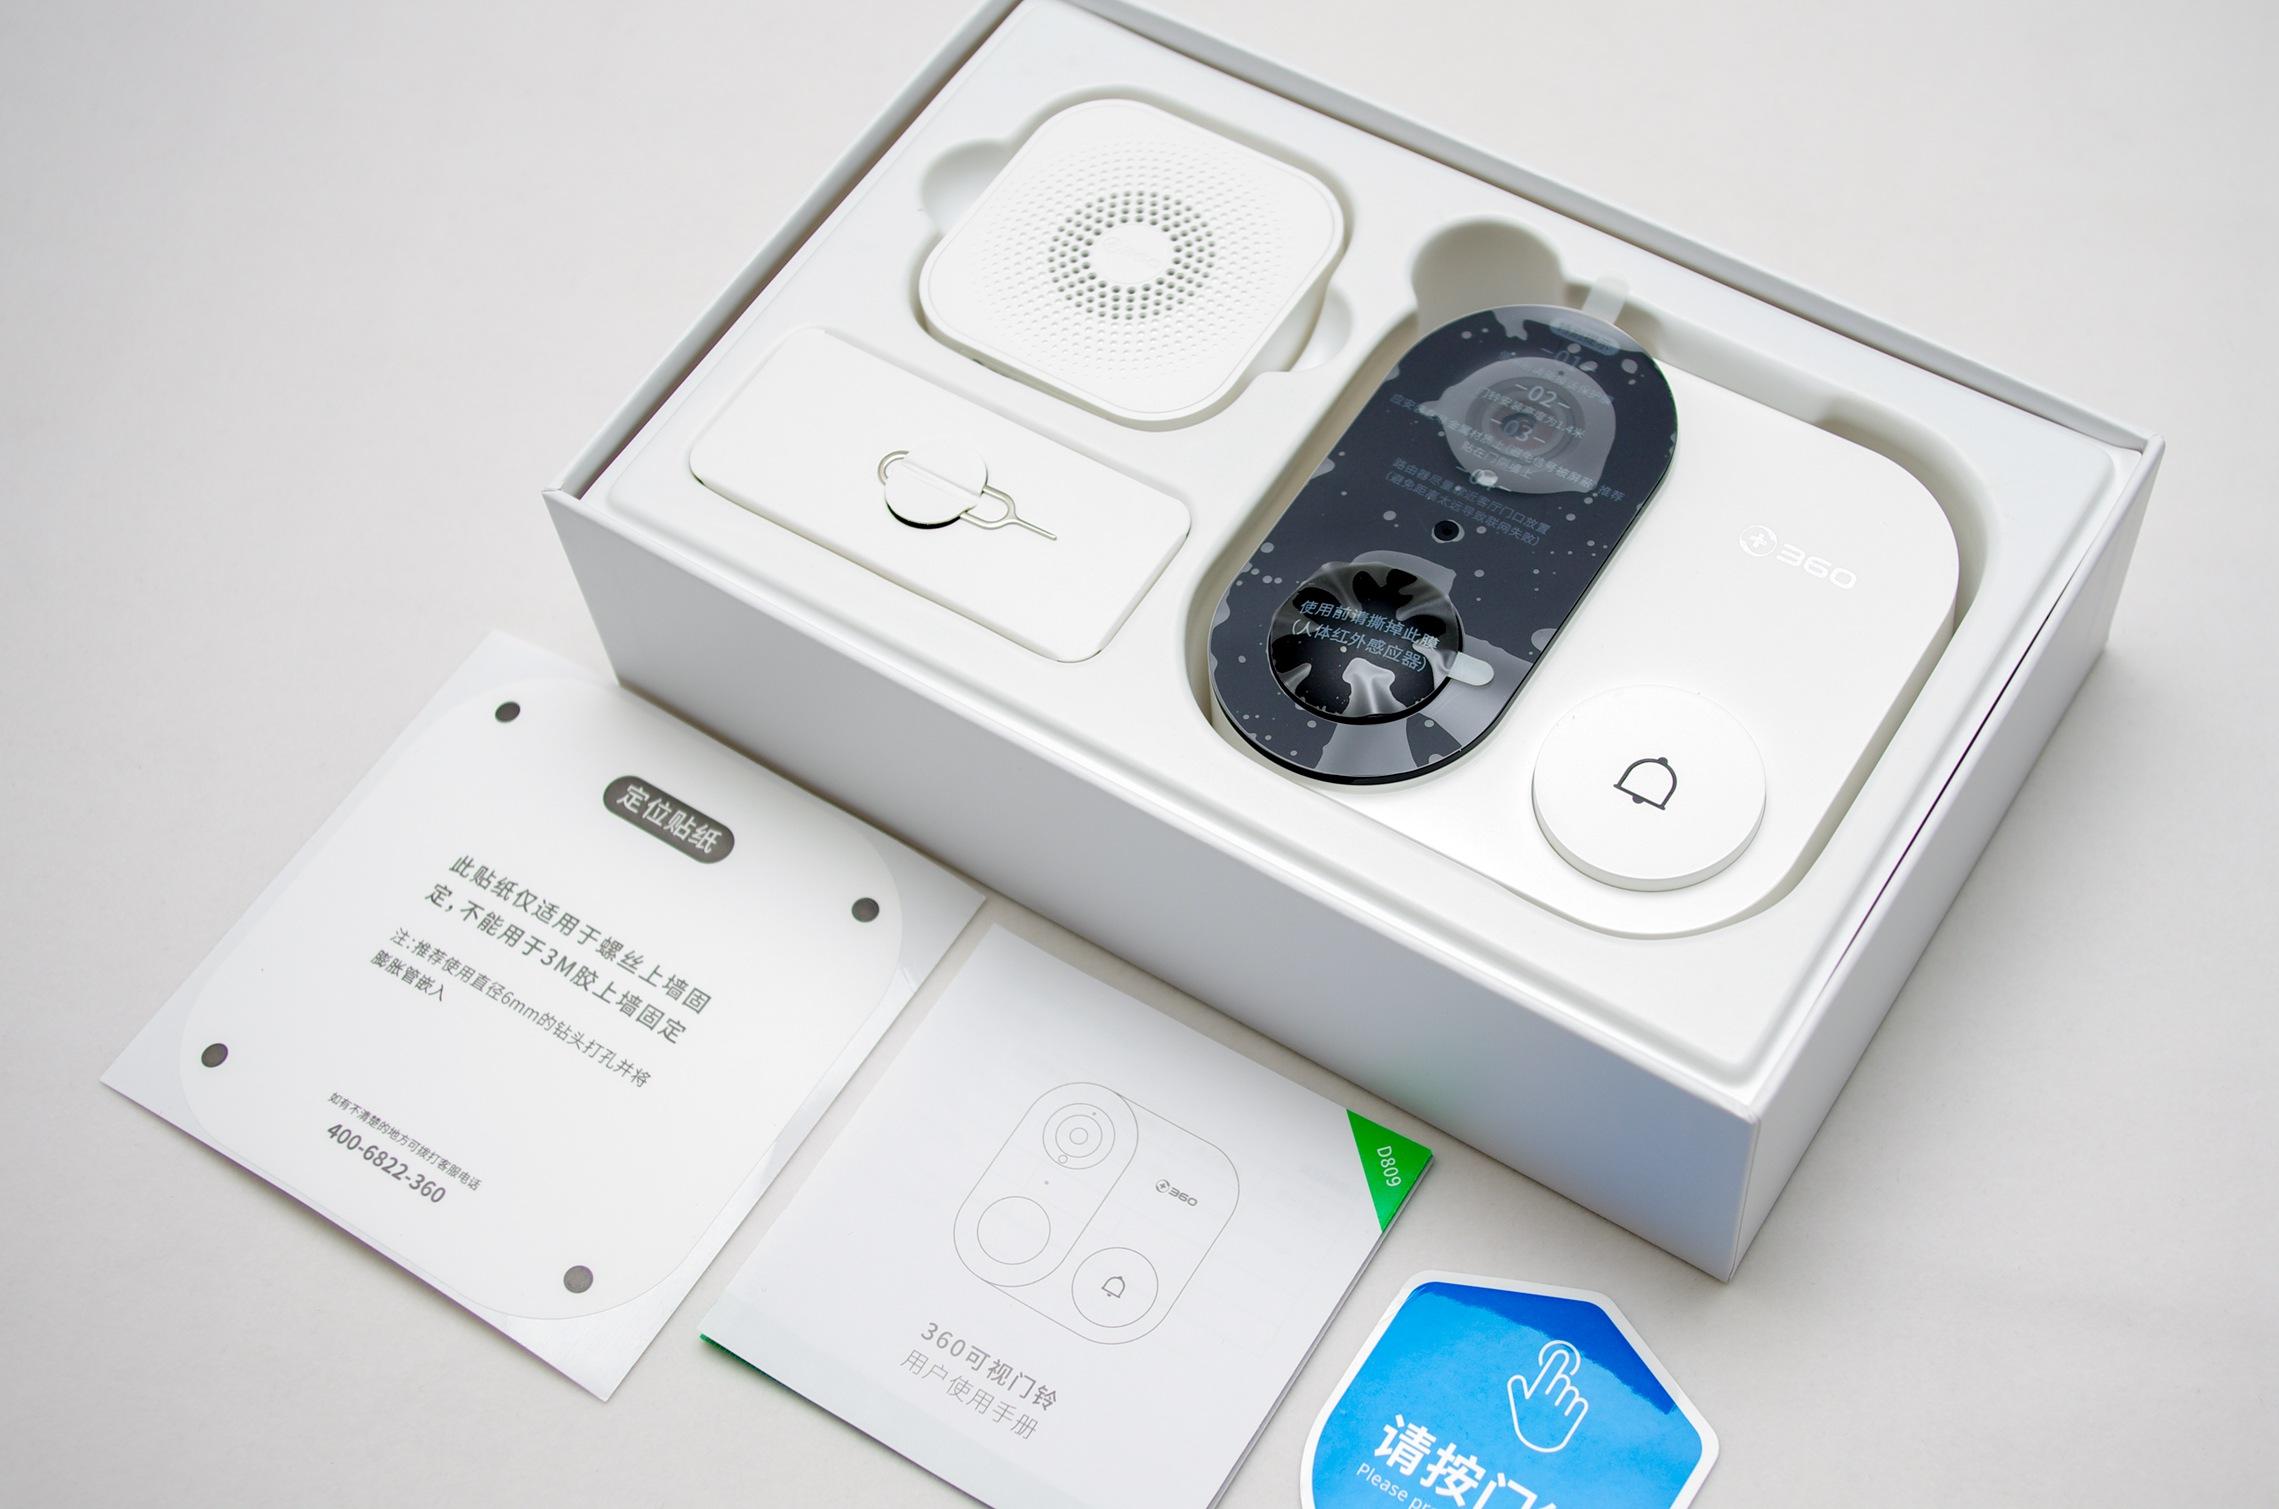 我们测试了六款智能门铃 找到了最好的这一款